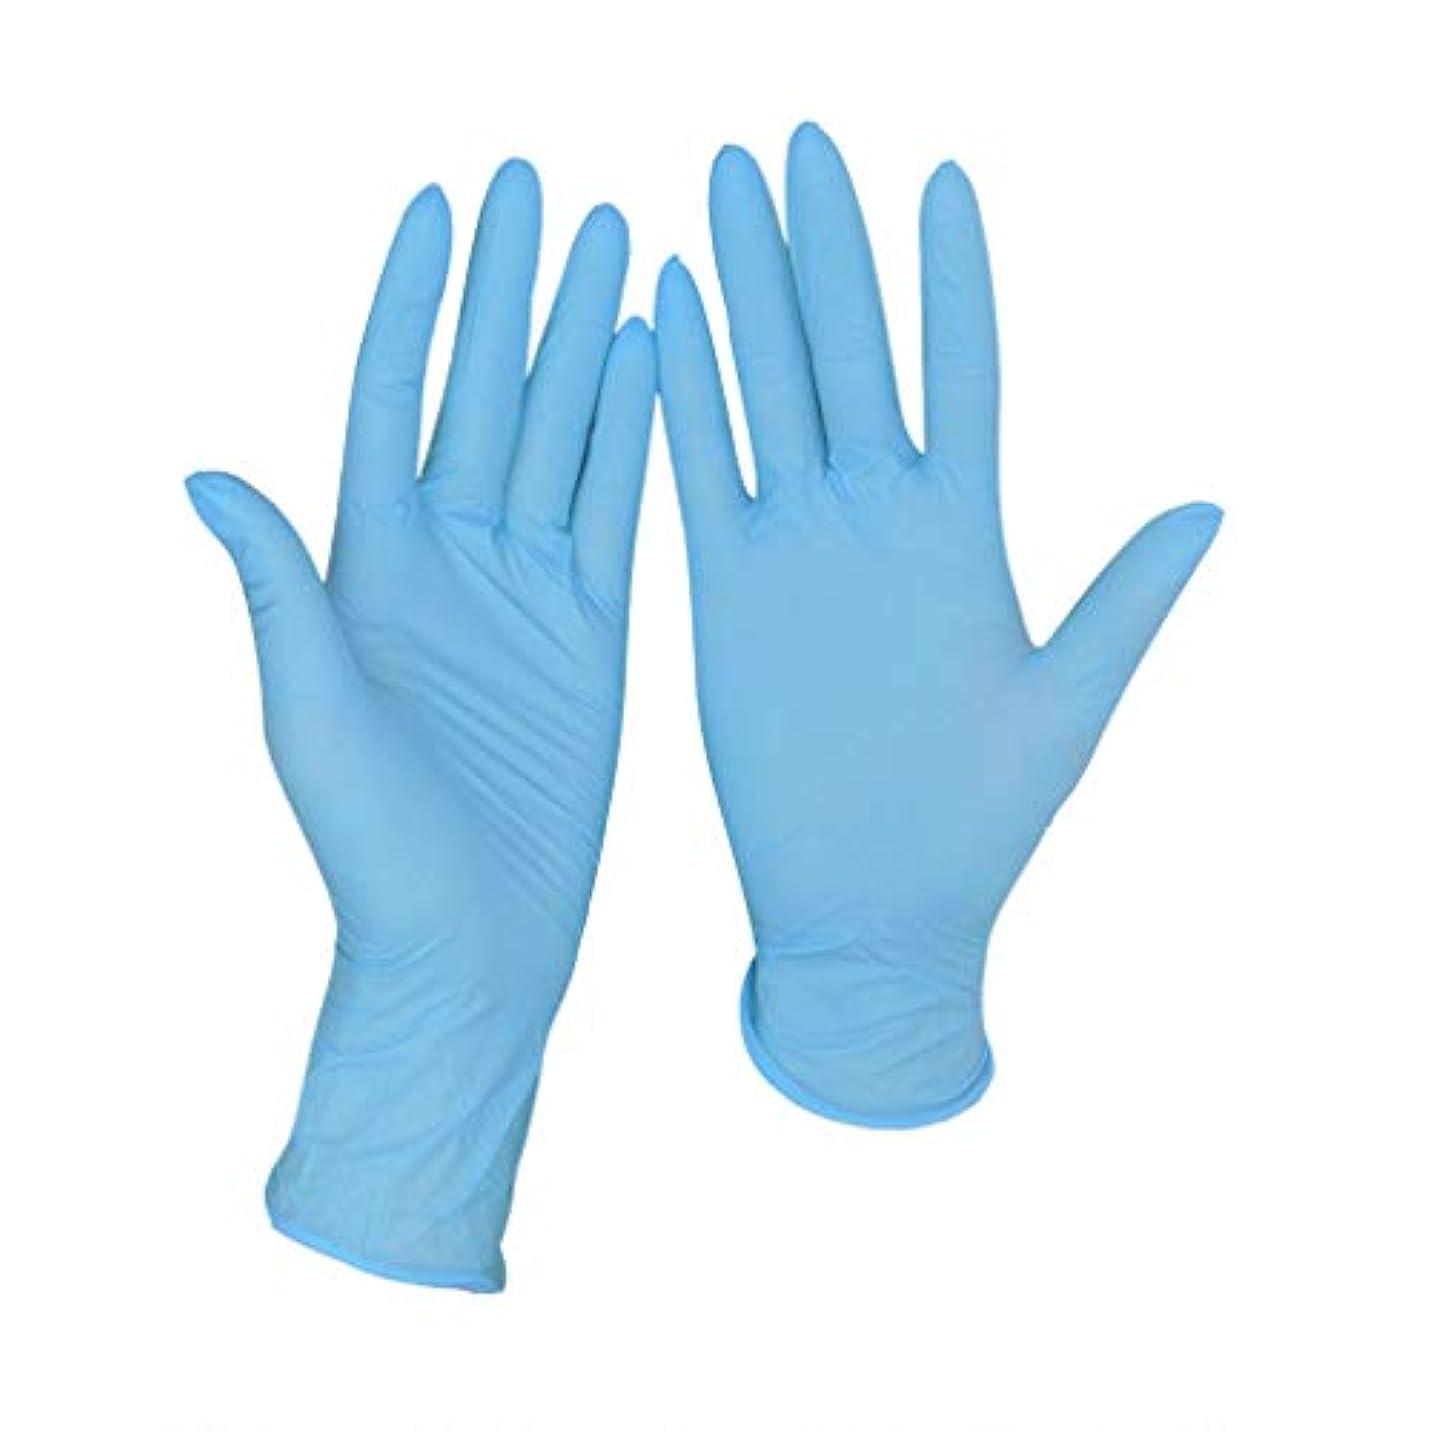 誓い応援する宗教使い捨て手袋ゴム家庭医家家家掃除食品研究室パウダーフリー手袋労働保護工業用ニトリル手袋100個 (サイズ さいず : S s)